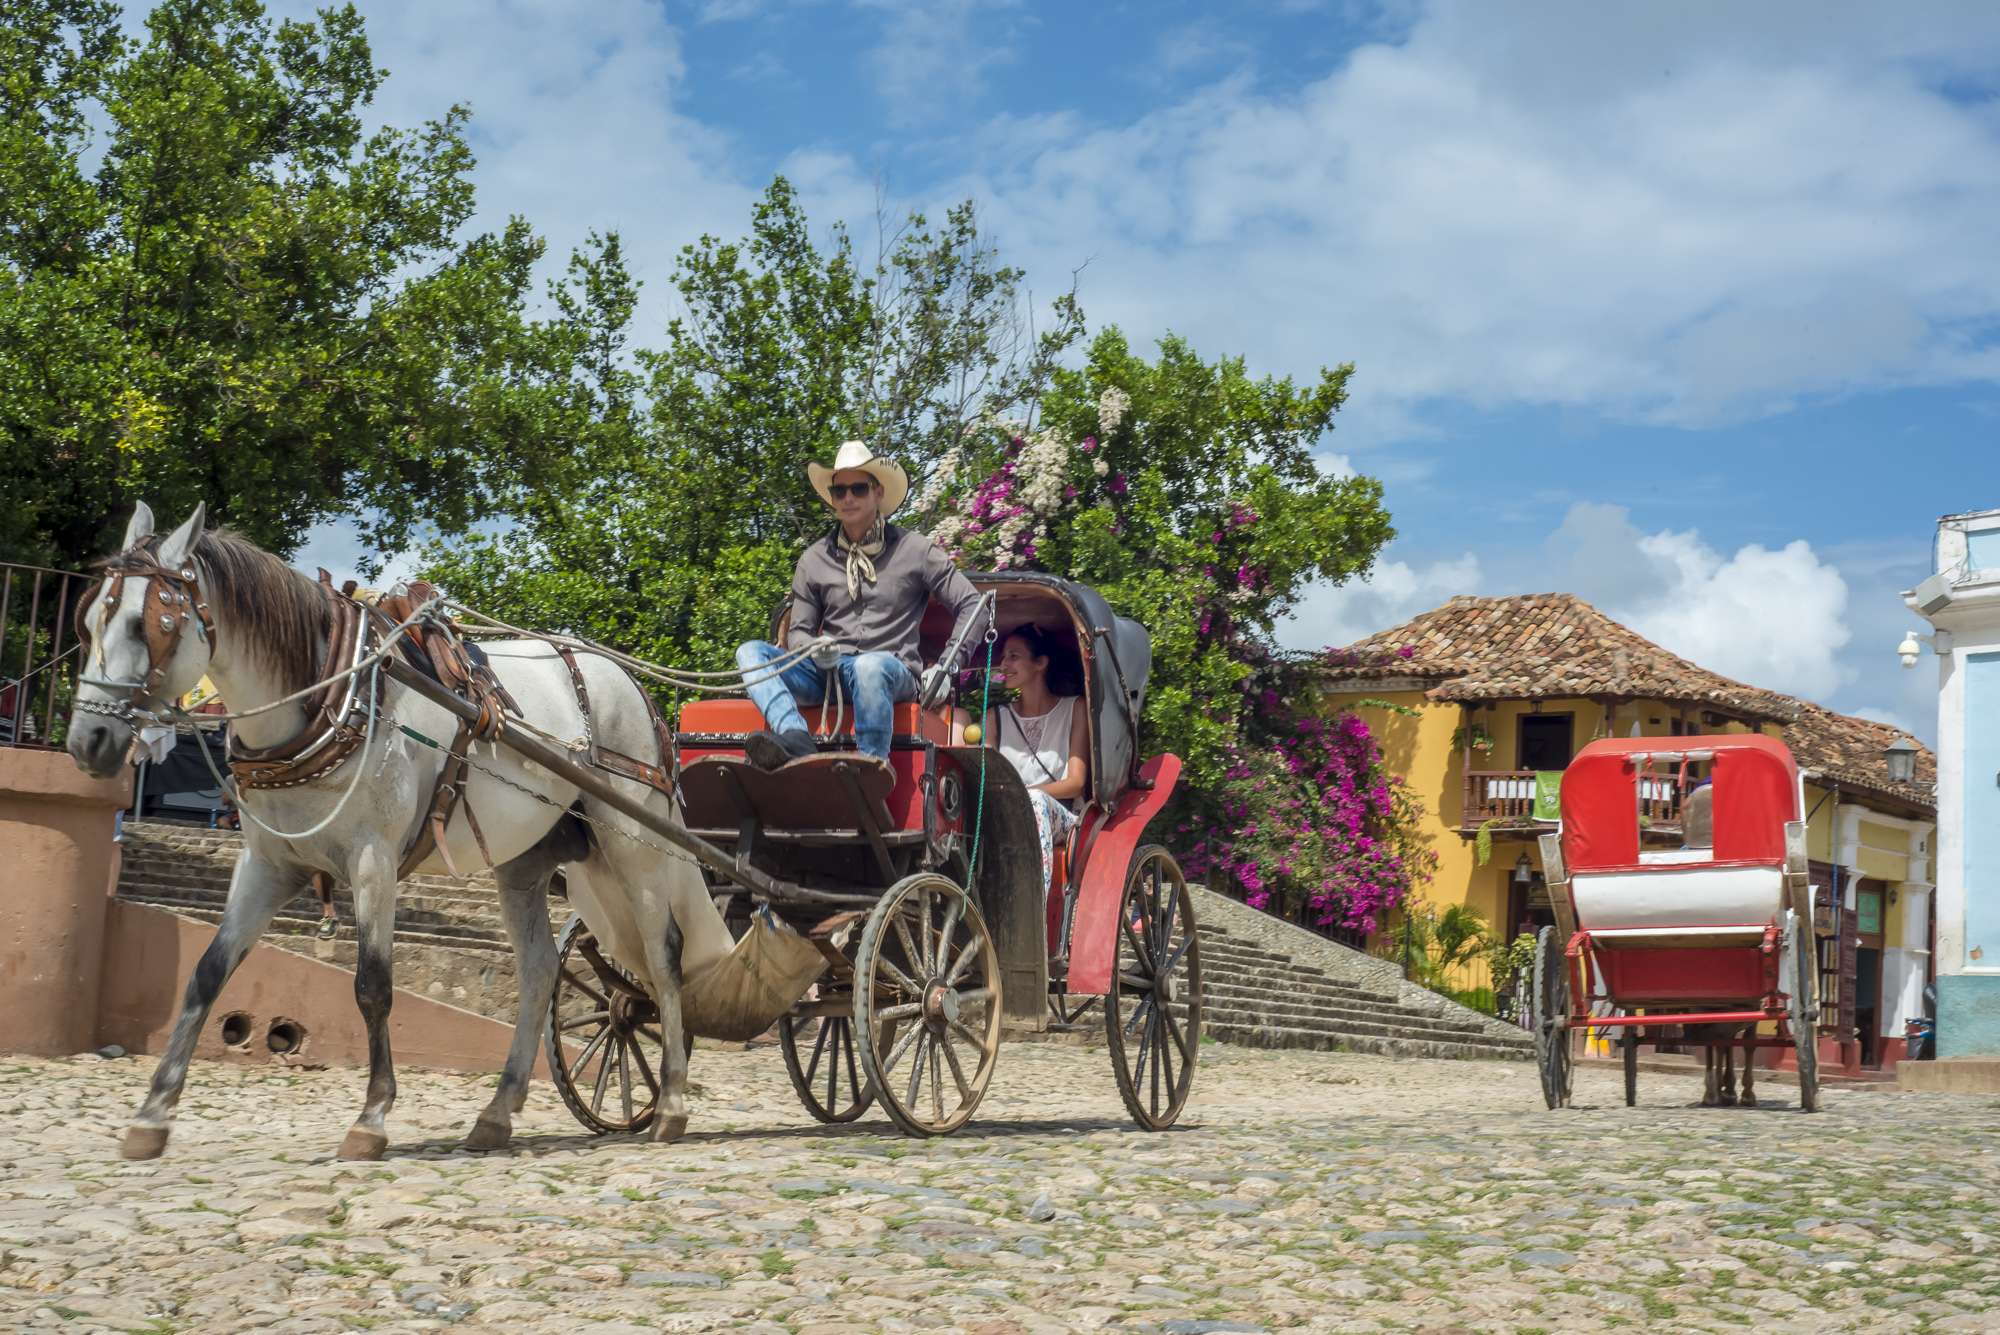 Cuba-8425.jpg